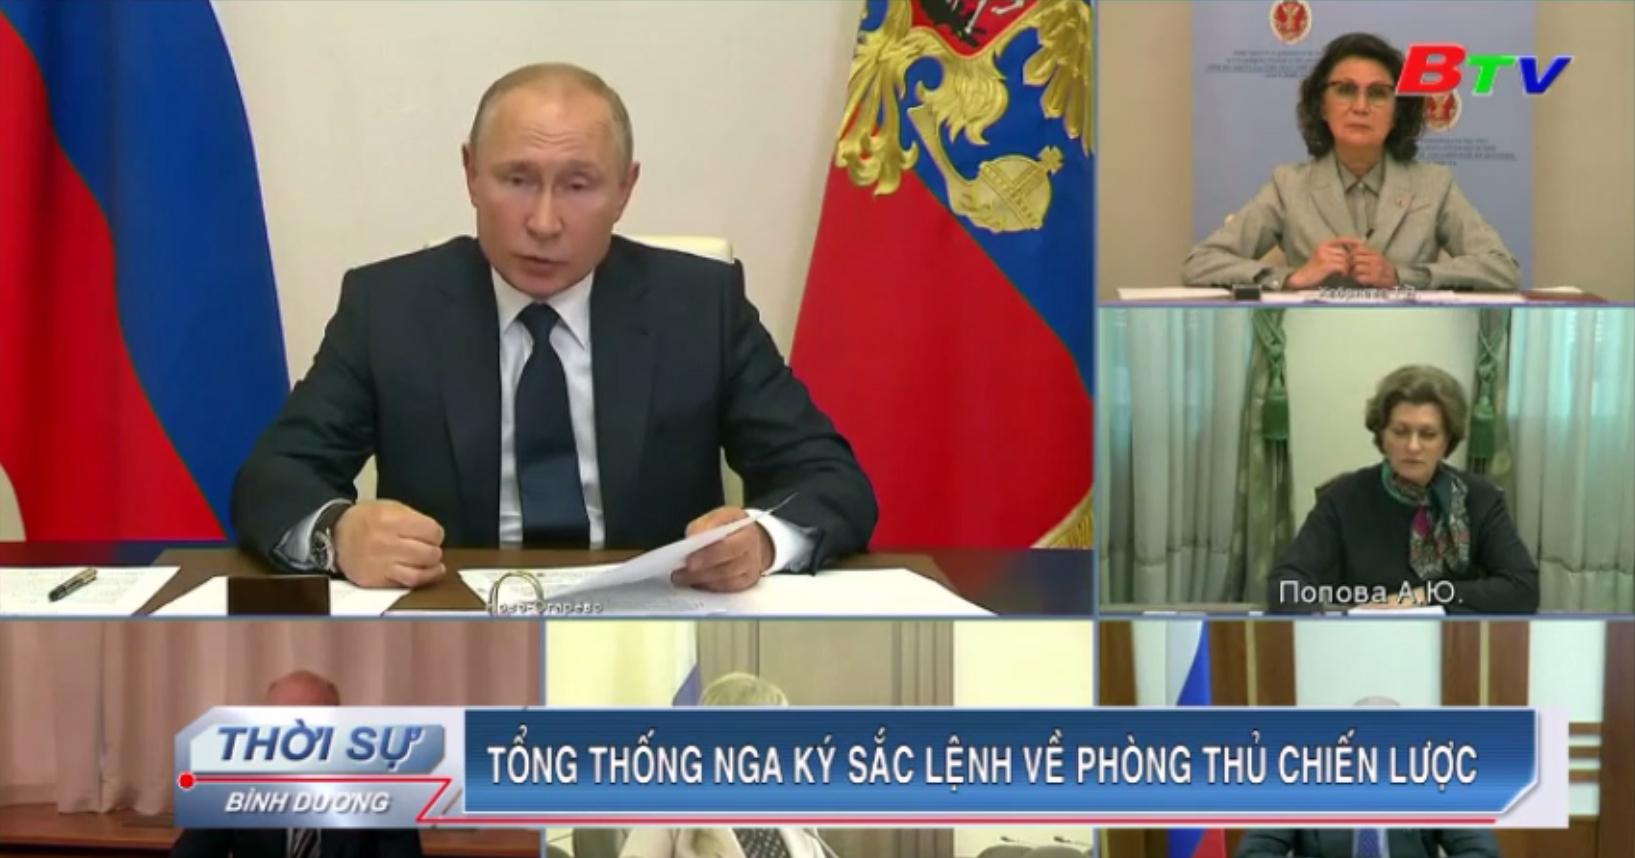 Tổng thống Nga ký sắc lệnh về phòng thủ chiến lược